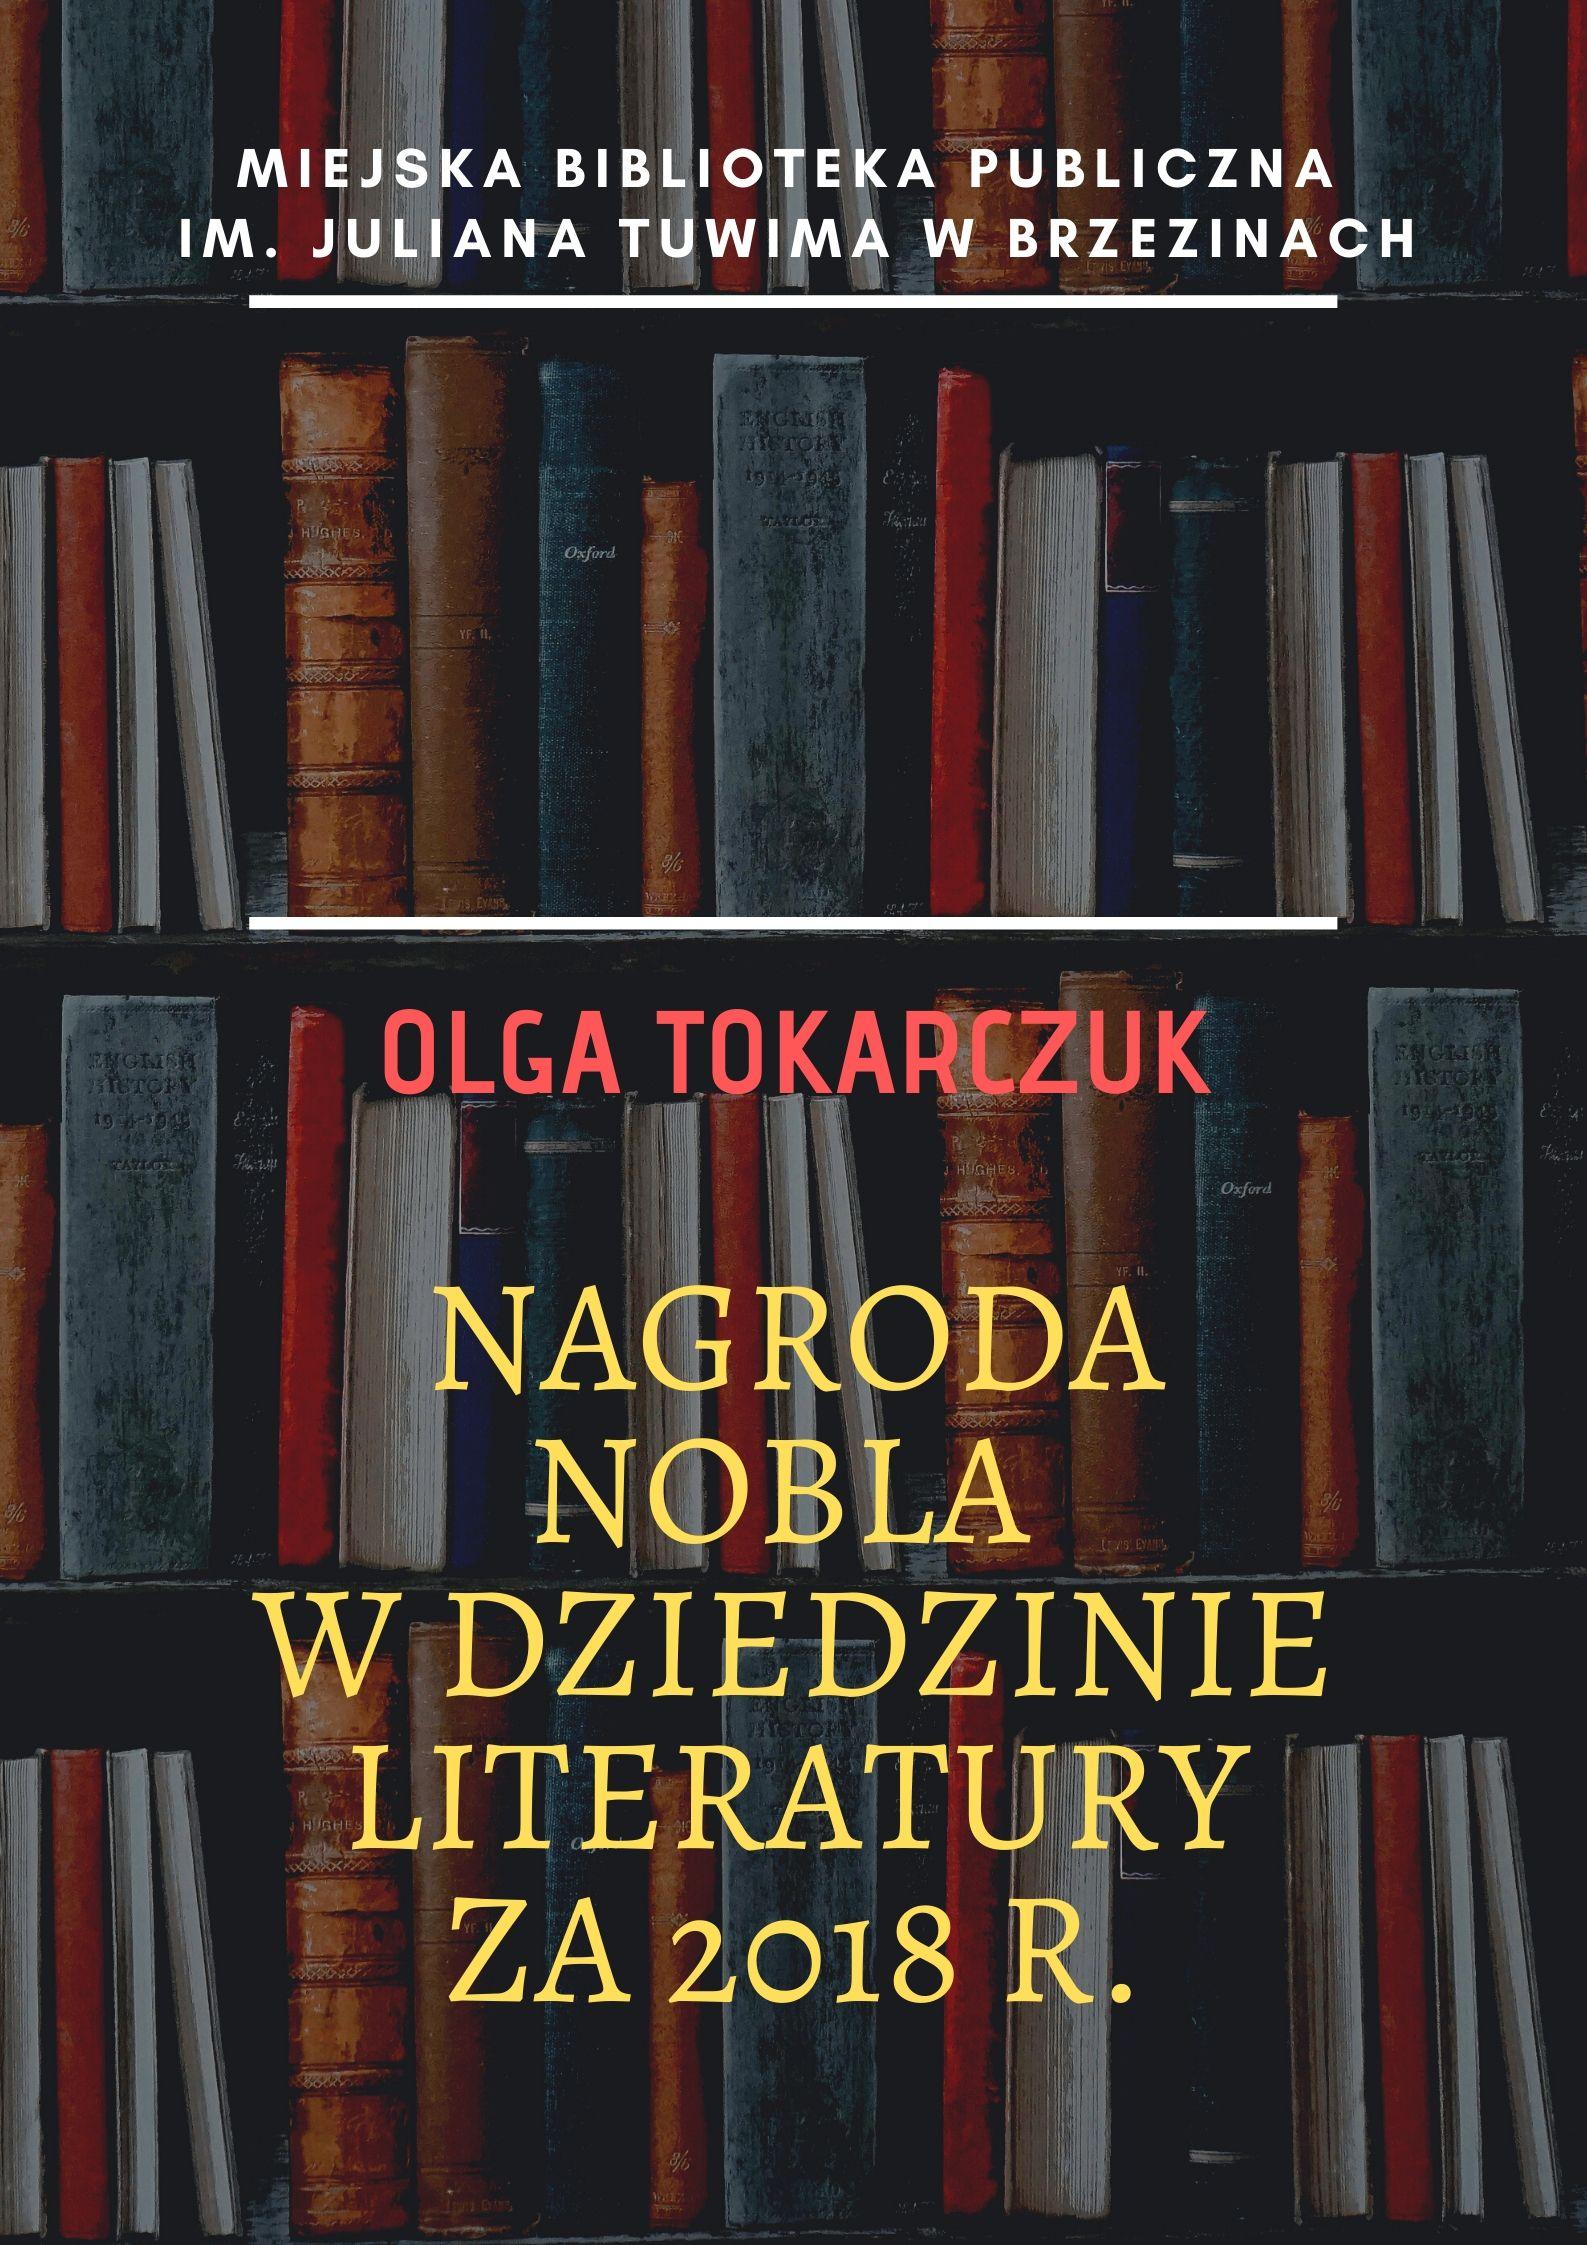 Olga Tokarczuk w brzezińskiej Bibliotece